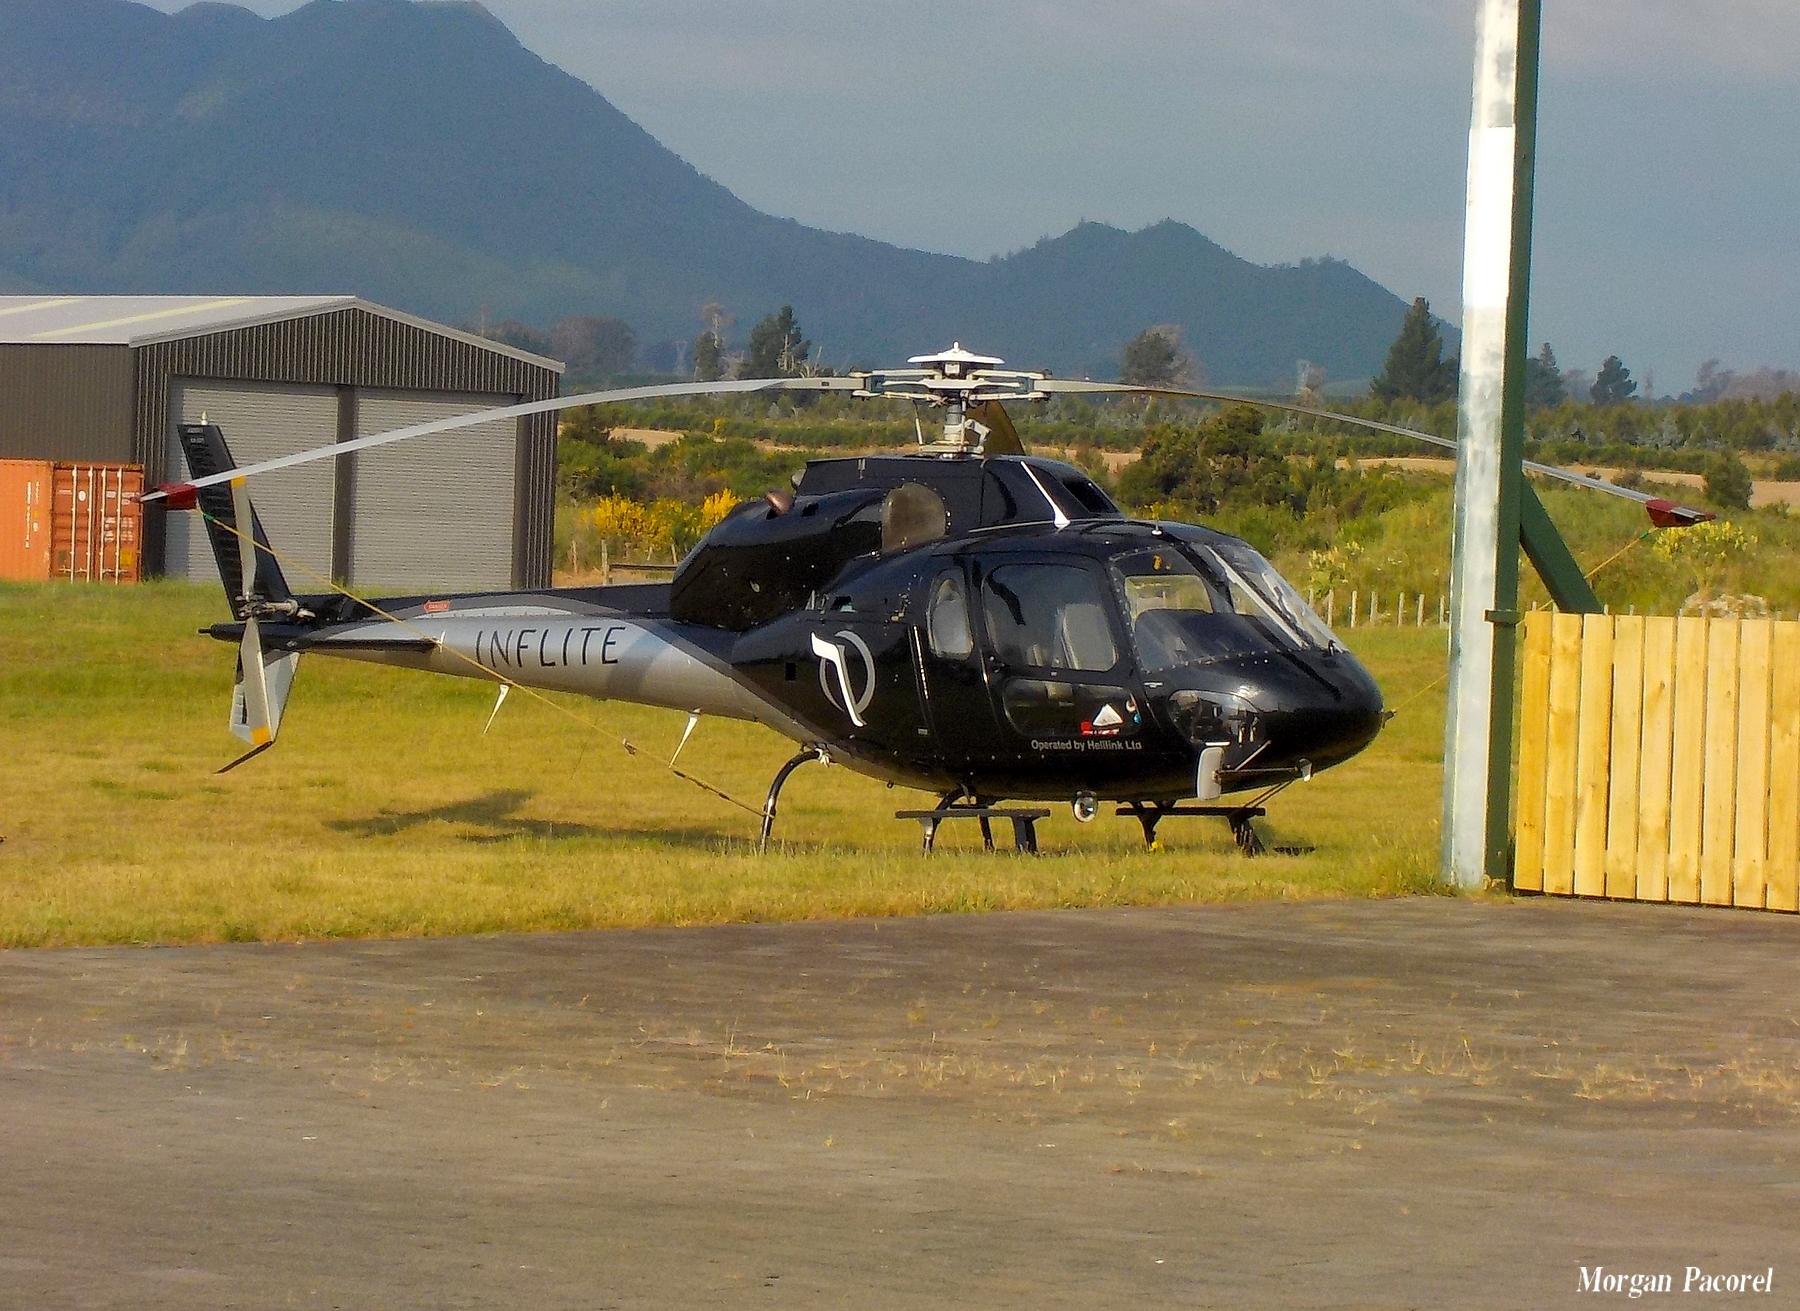 Nouvelle Zélande : spotting à Taupo et Wakatane 180103044940807667